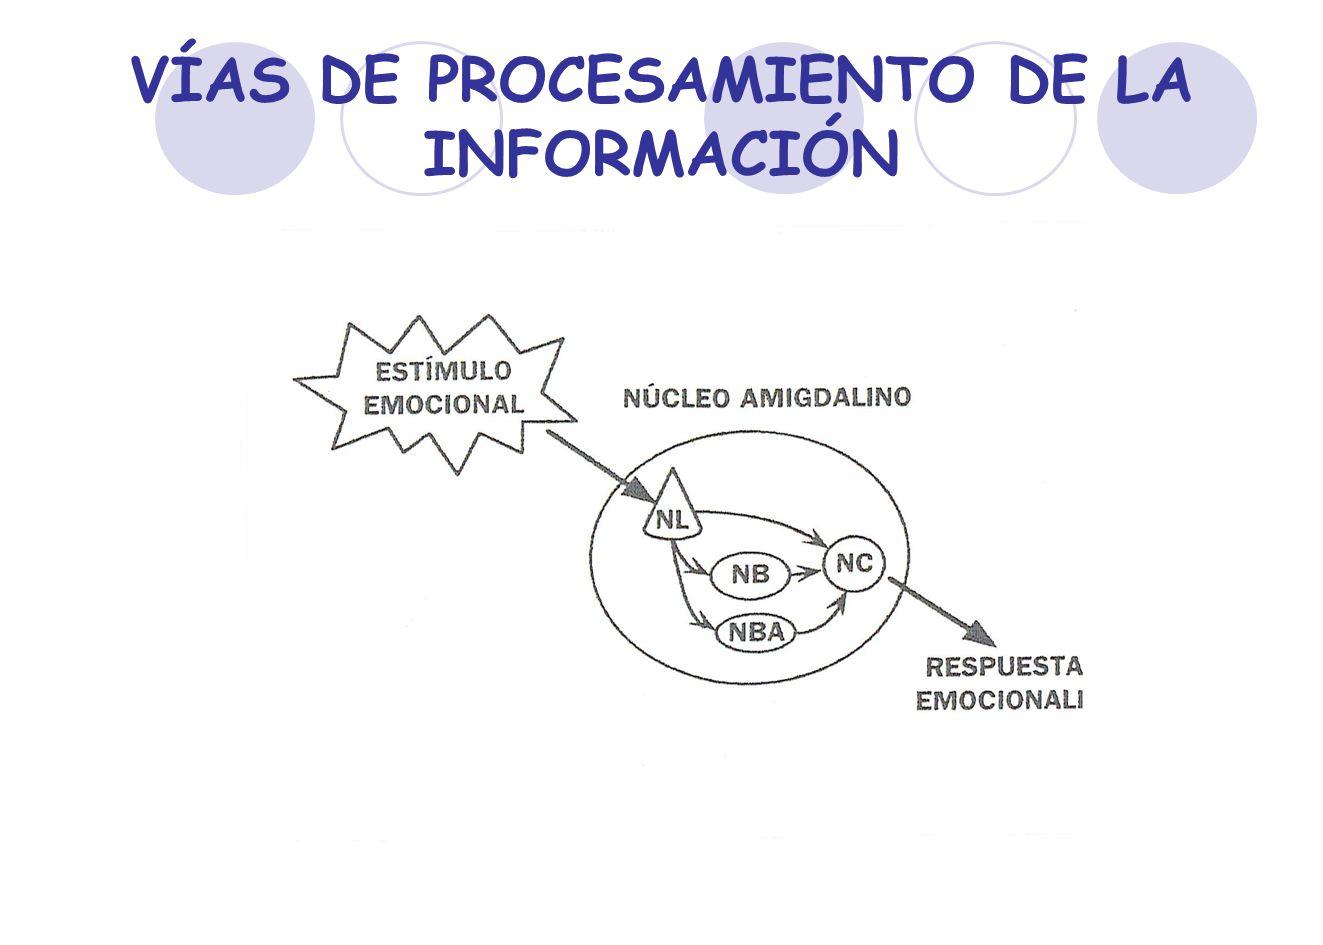 VÍAS DE PROCESAMIENTO DE LA INFORMACIÓN